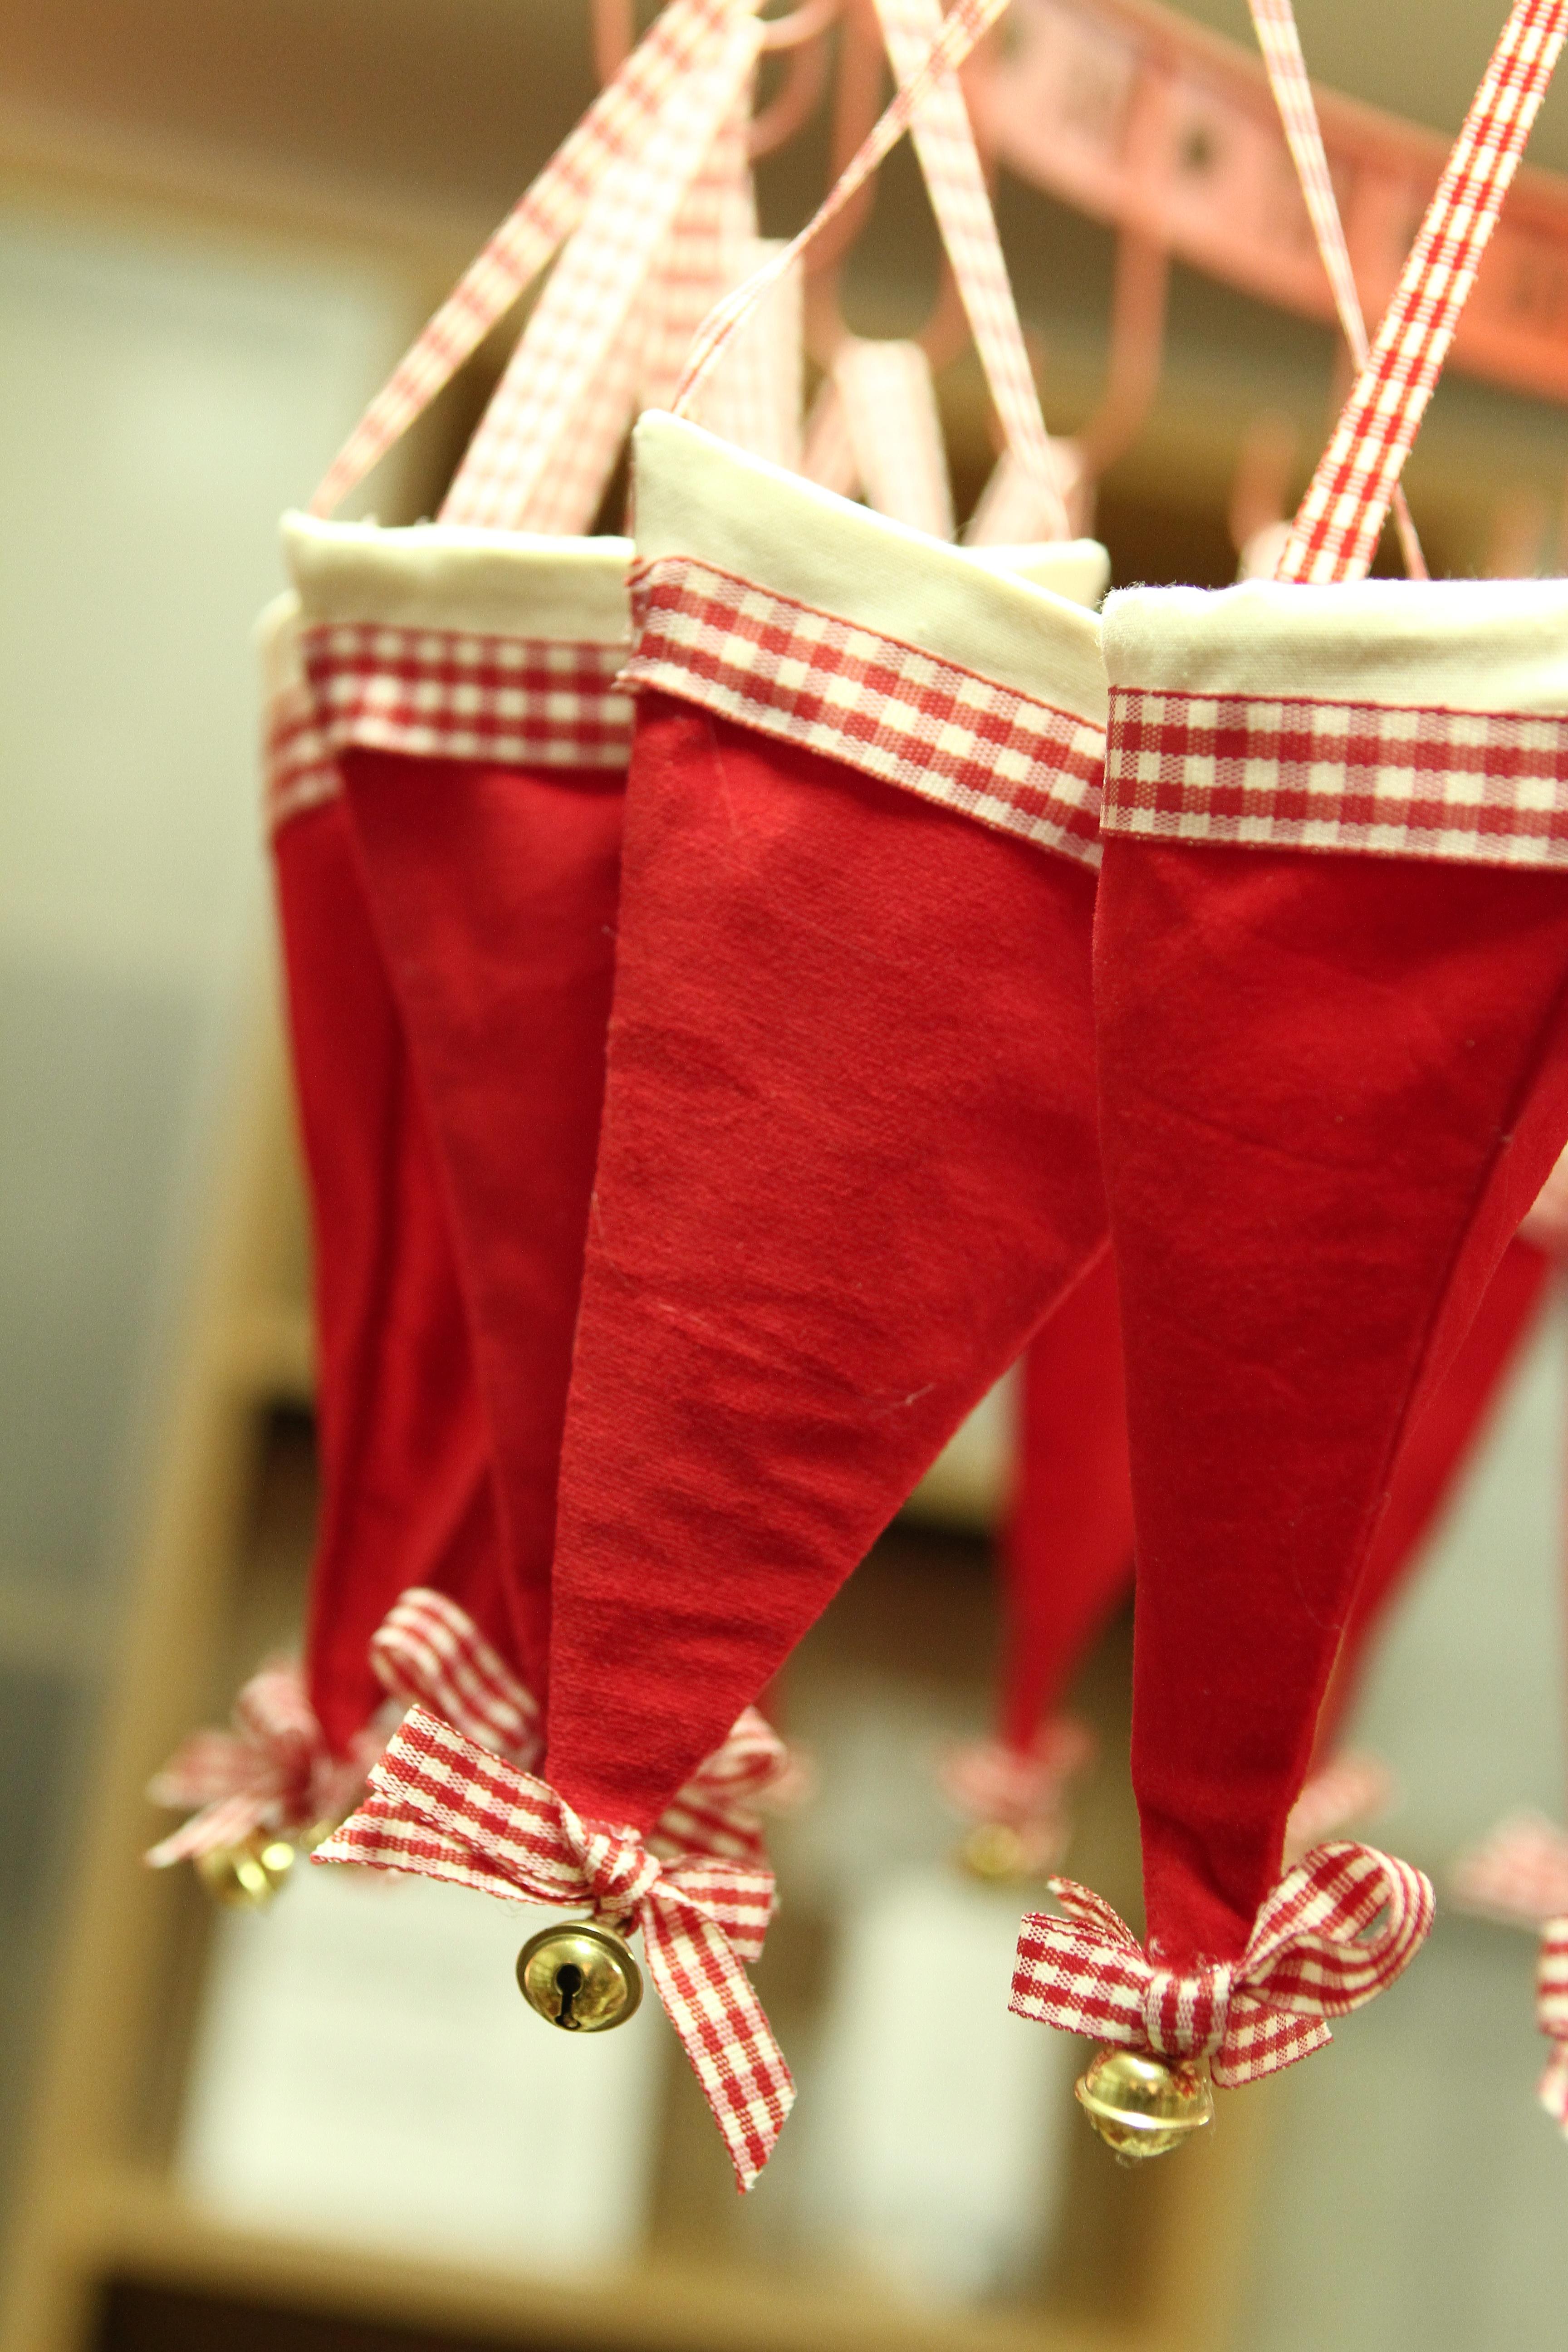 Adventskalender 24 Deko Mützen rot weiß mit Schelle zum Befüllen 2